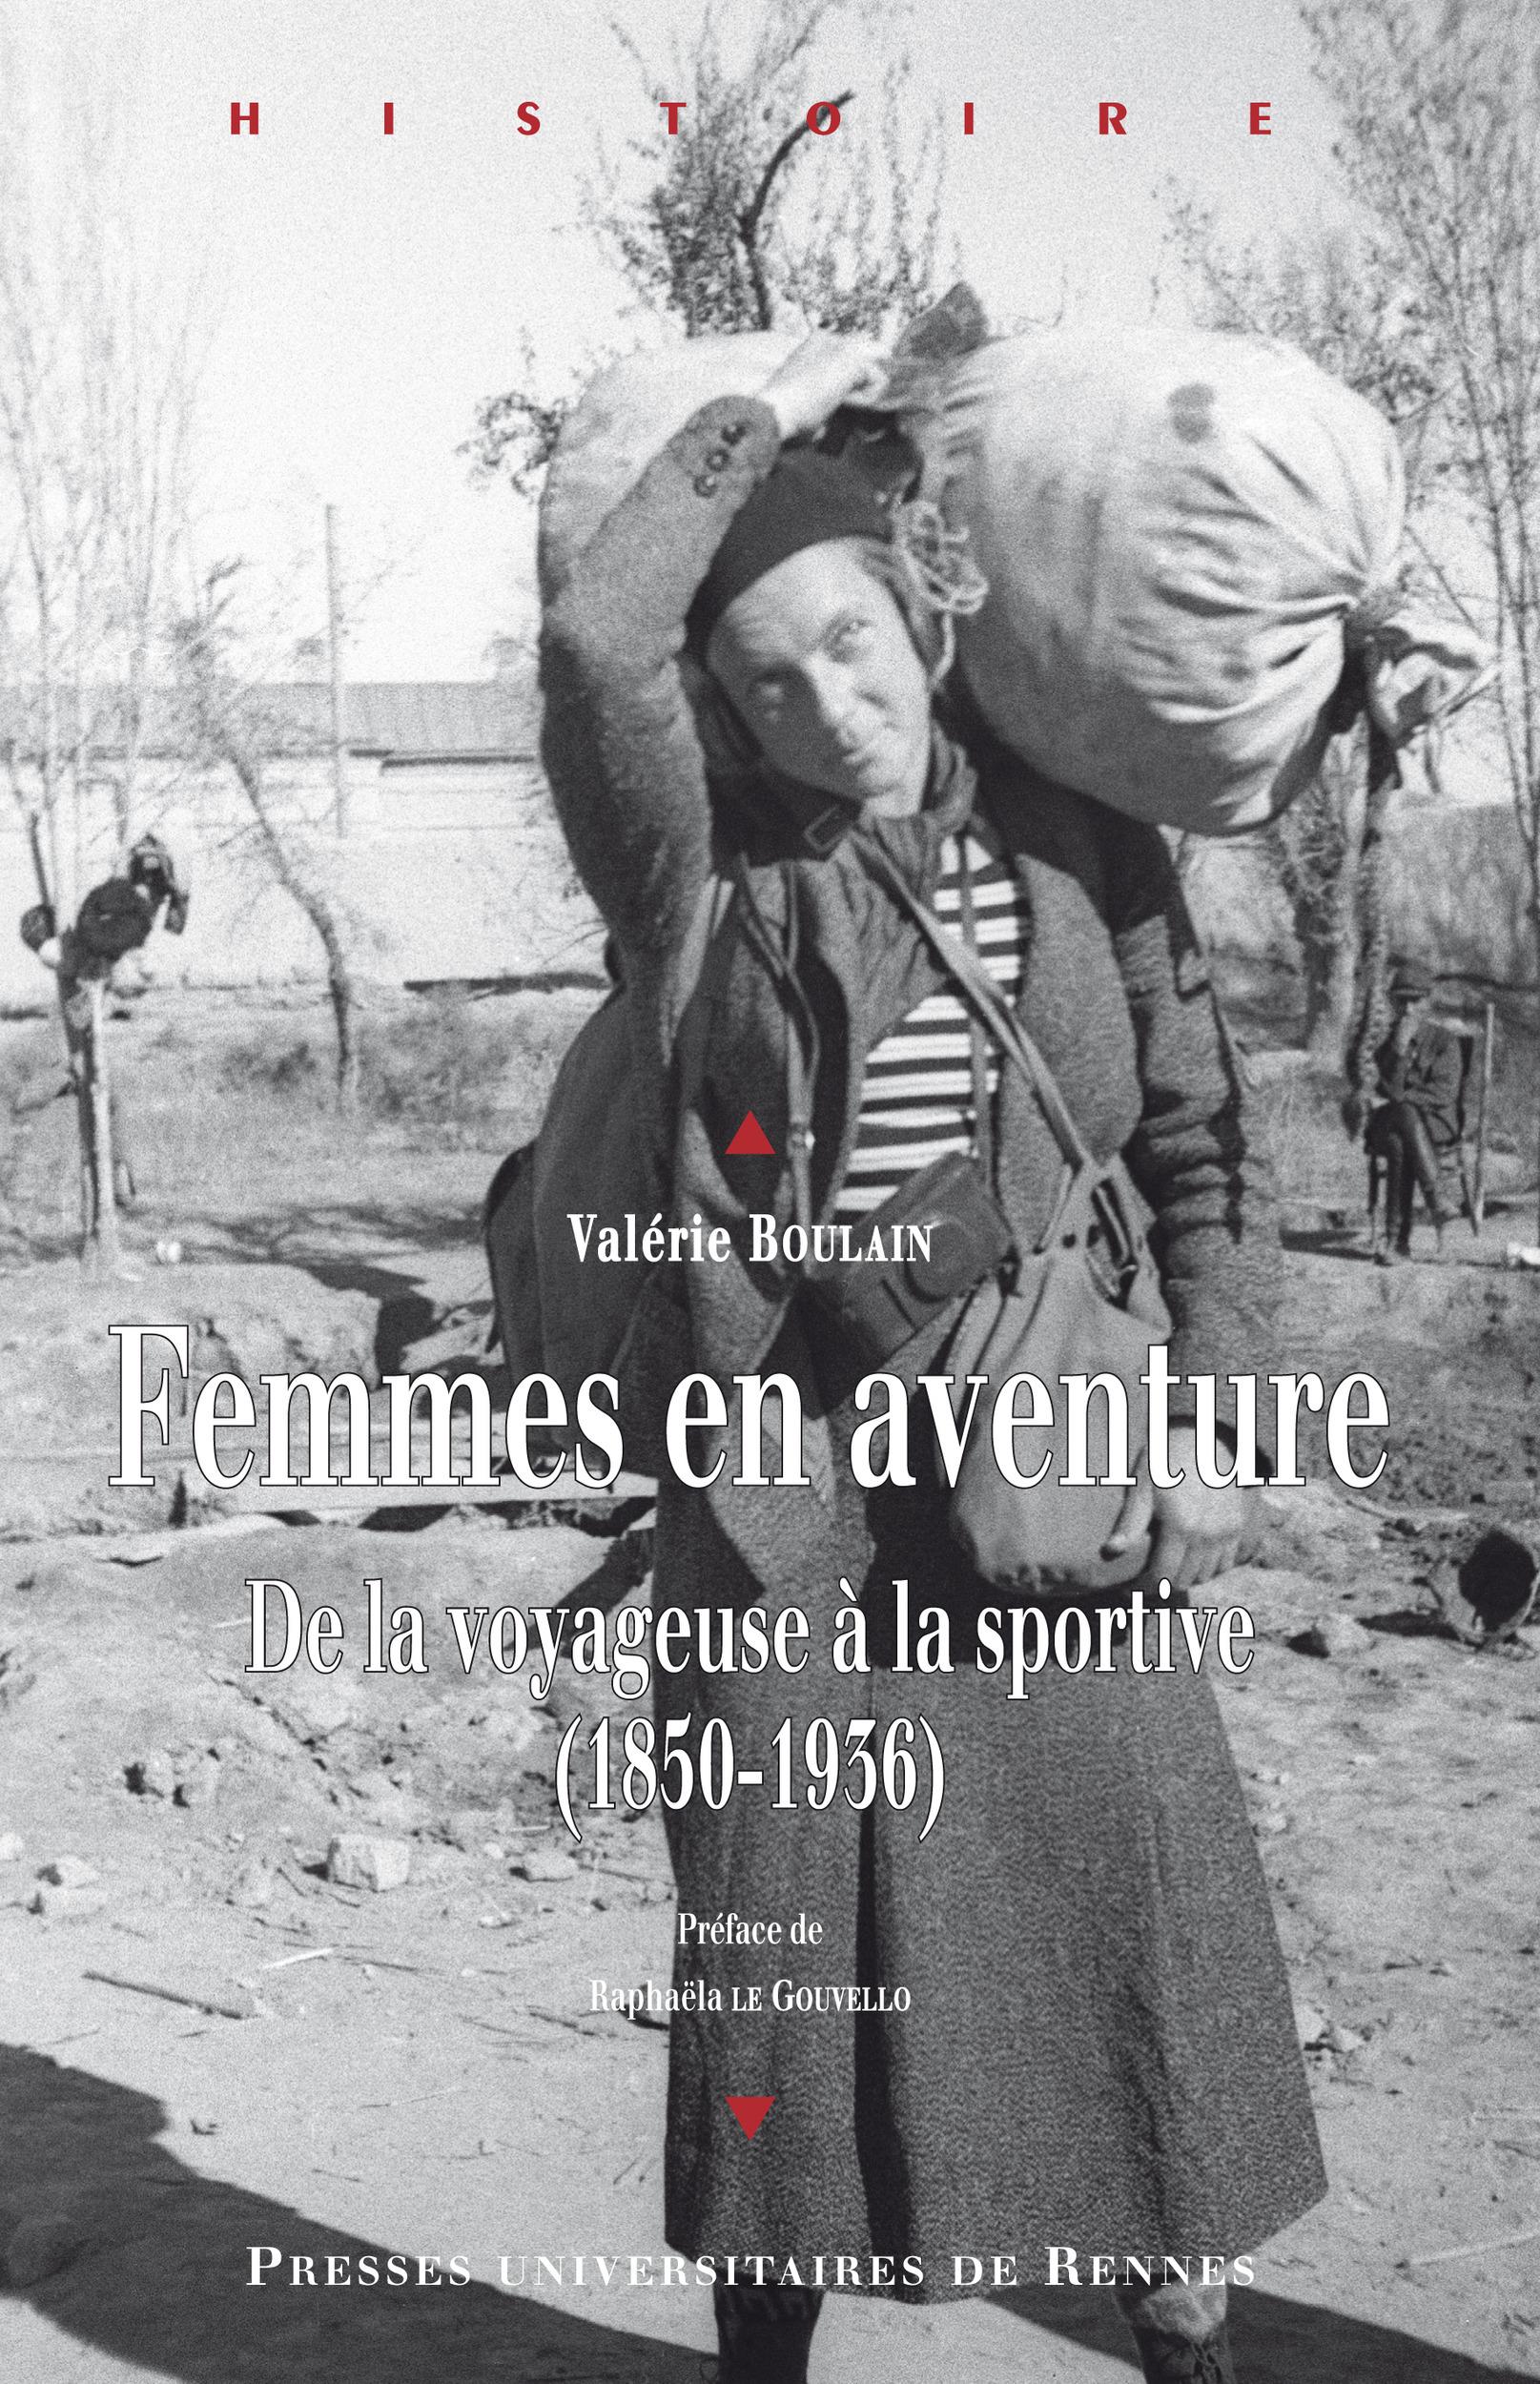 Femmes en aventure ; de la voyageuse à la sportive (1850-1936)